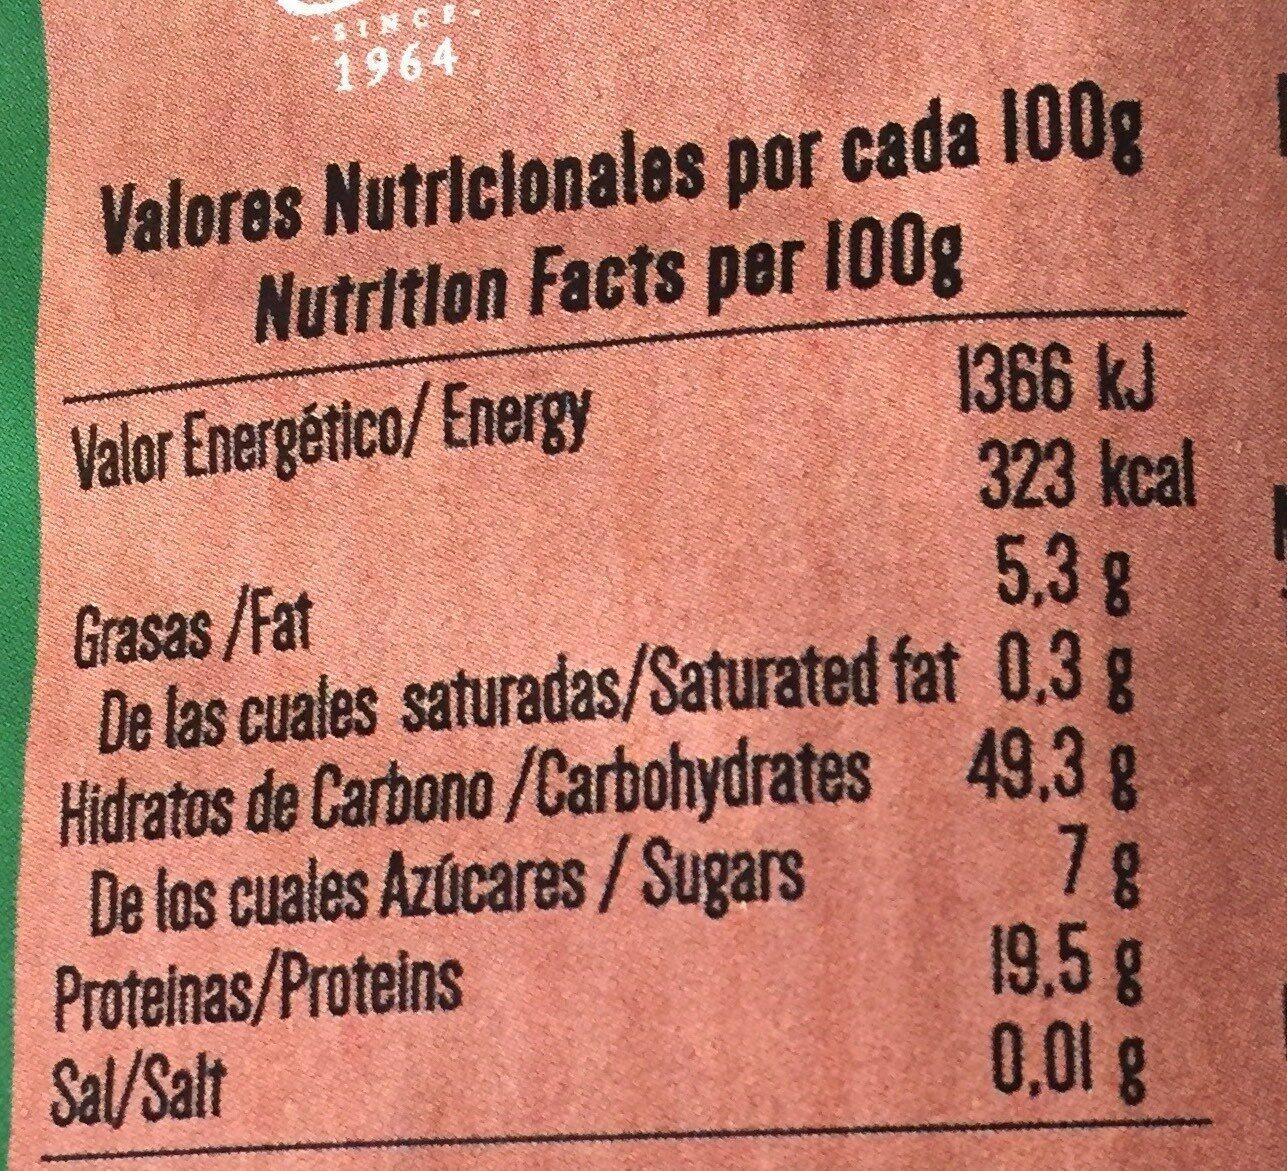 Garbanzos - Información nutricional